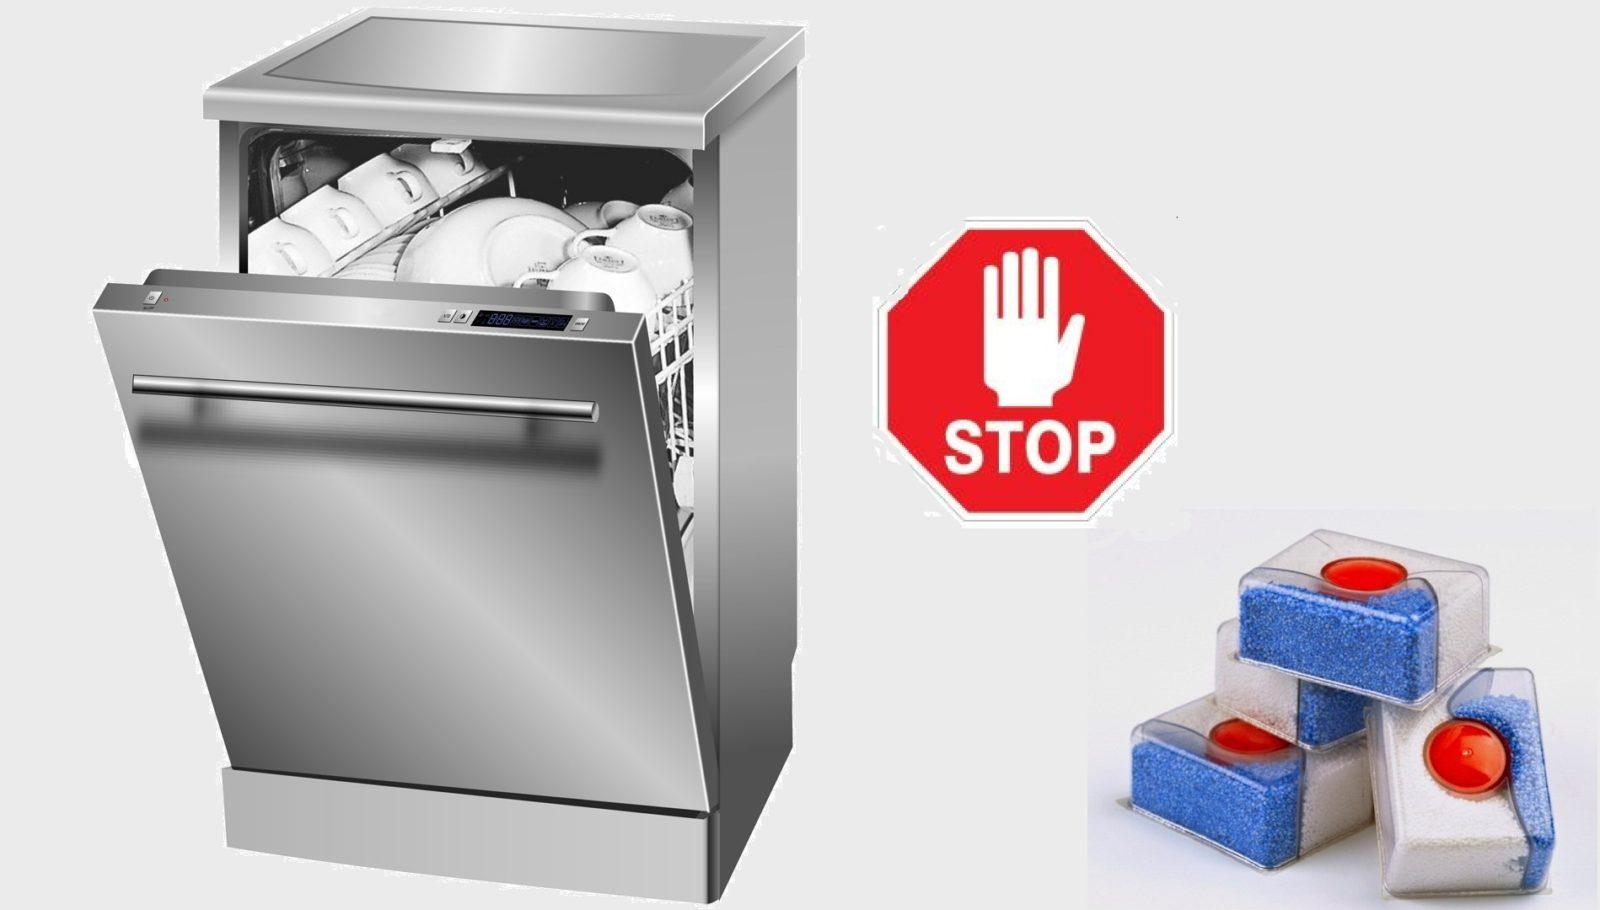 Не растворяется таблетка в посудомоечной машине — что делать?